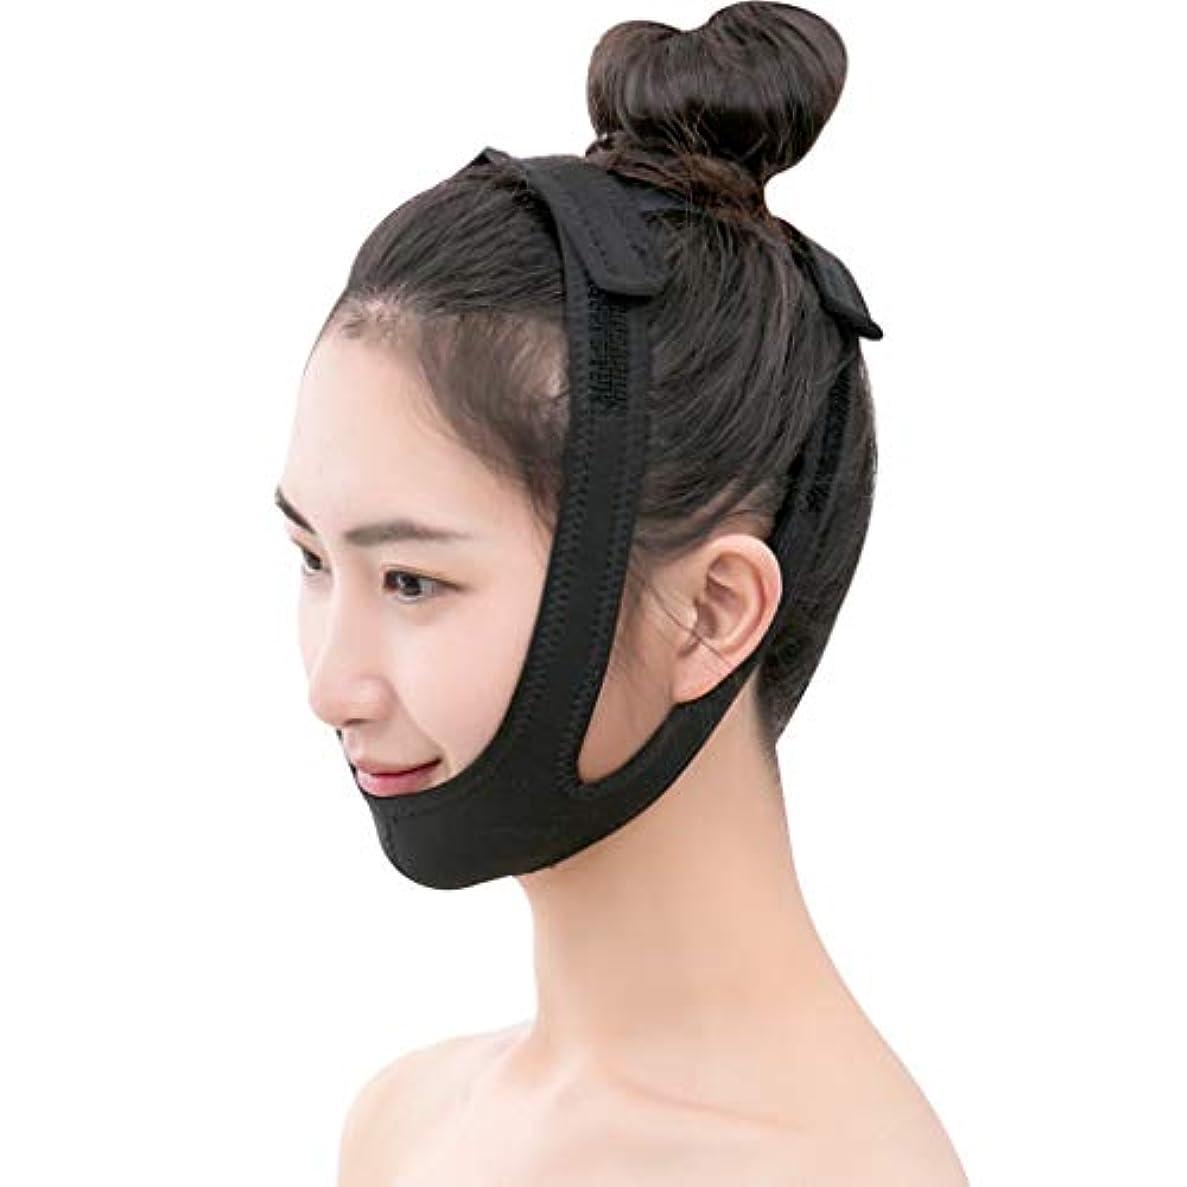 隠知らせる活気づける顔リフト手術回復ライン彫刻顔リフト顔のリフト v 顔睡眠マスク